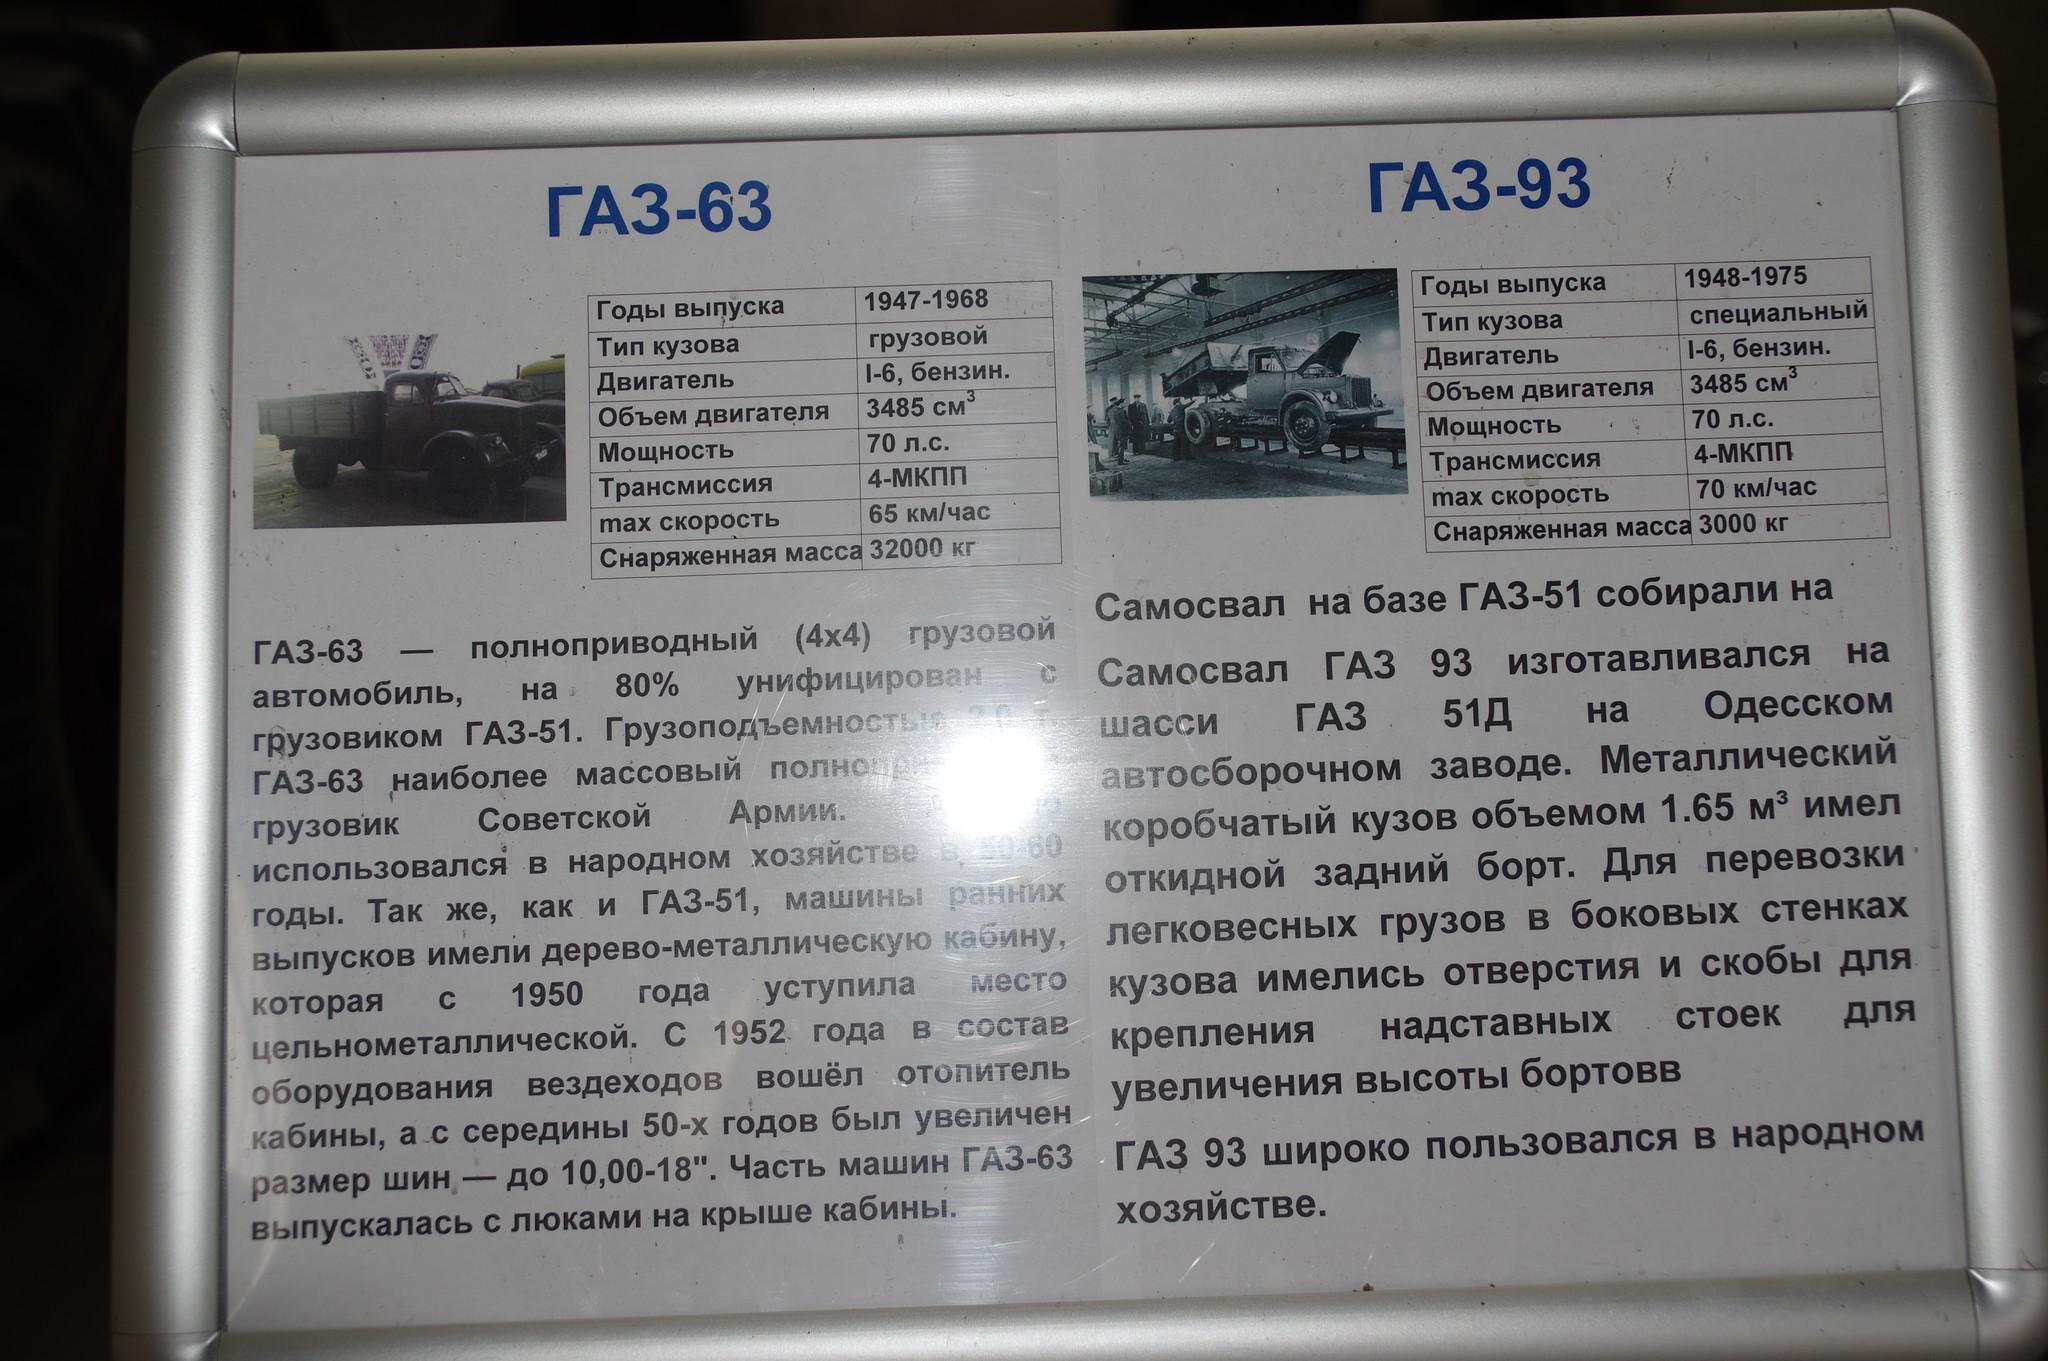 Автомобиль-самосвал ГАЗ-93